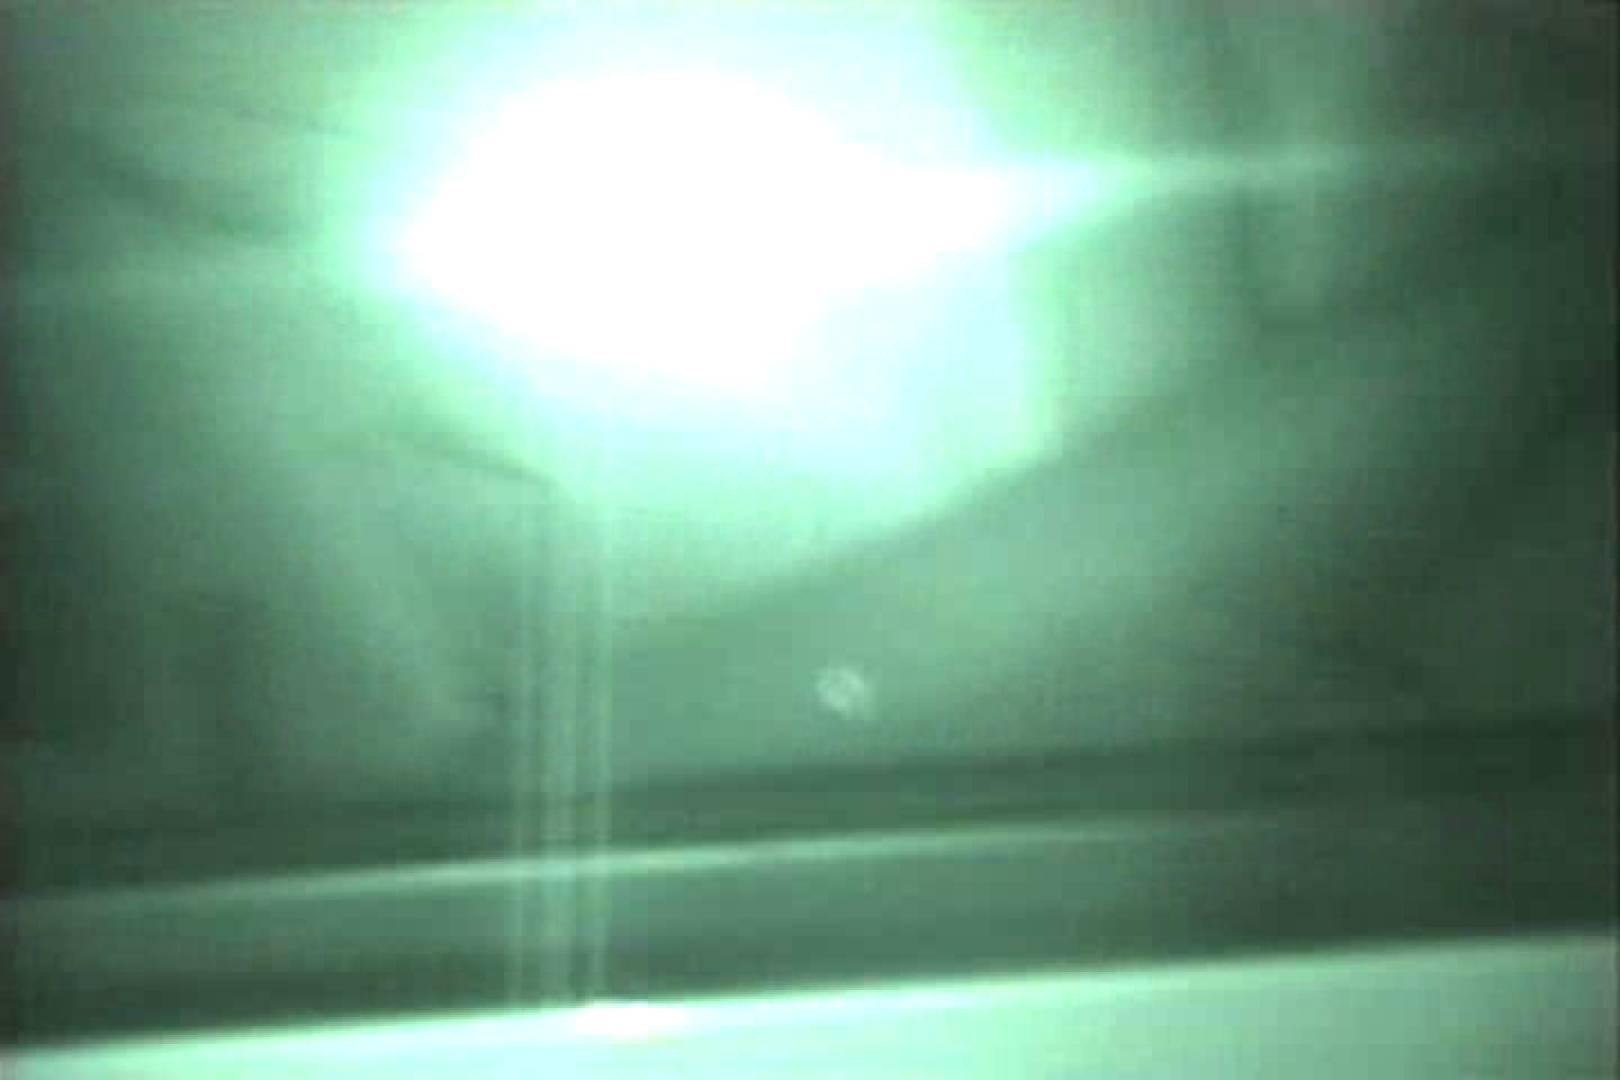 蔵出し!!赤外線カーセックスVol.16 OLセックス 盗撮AV動画キャプチャ 65画像 2